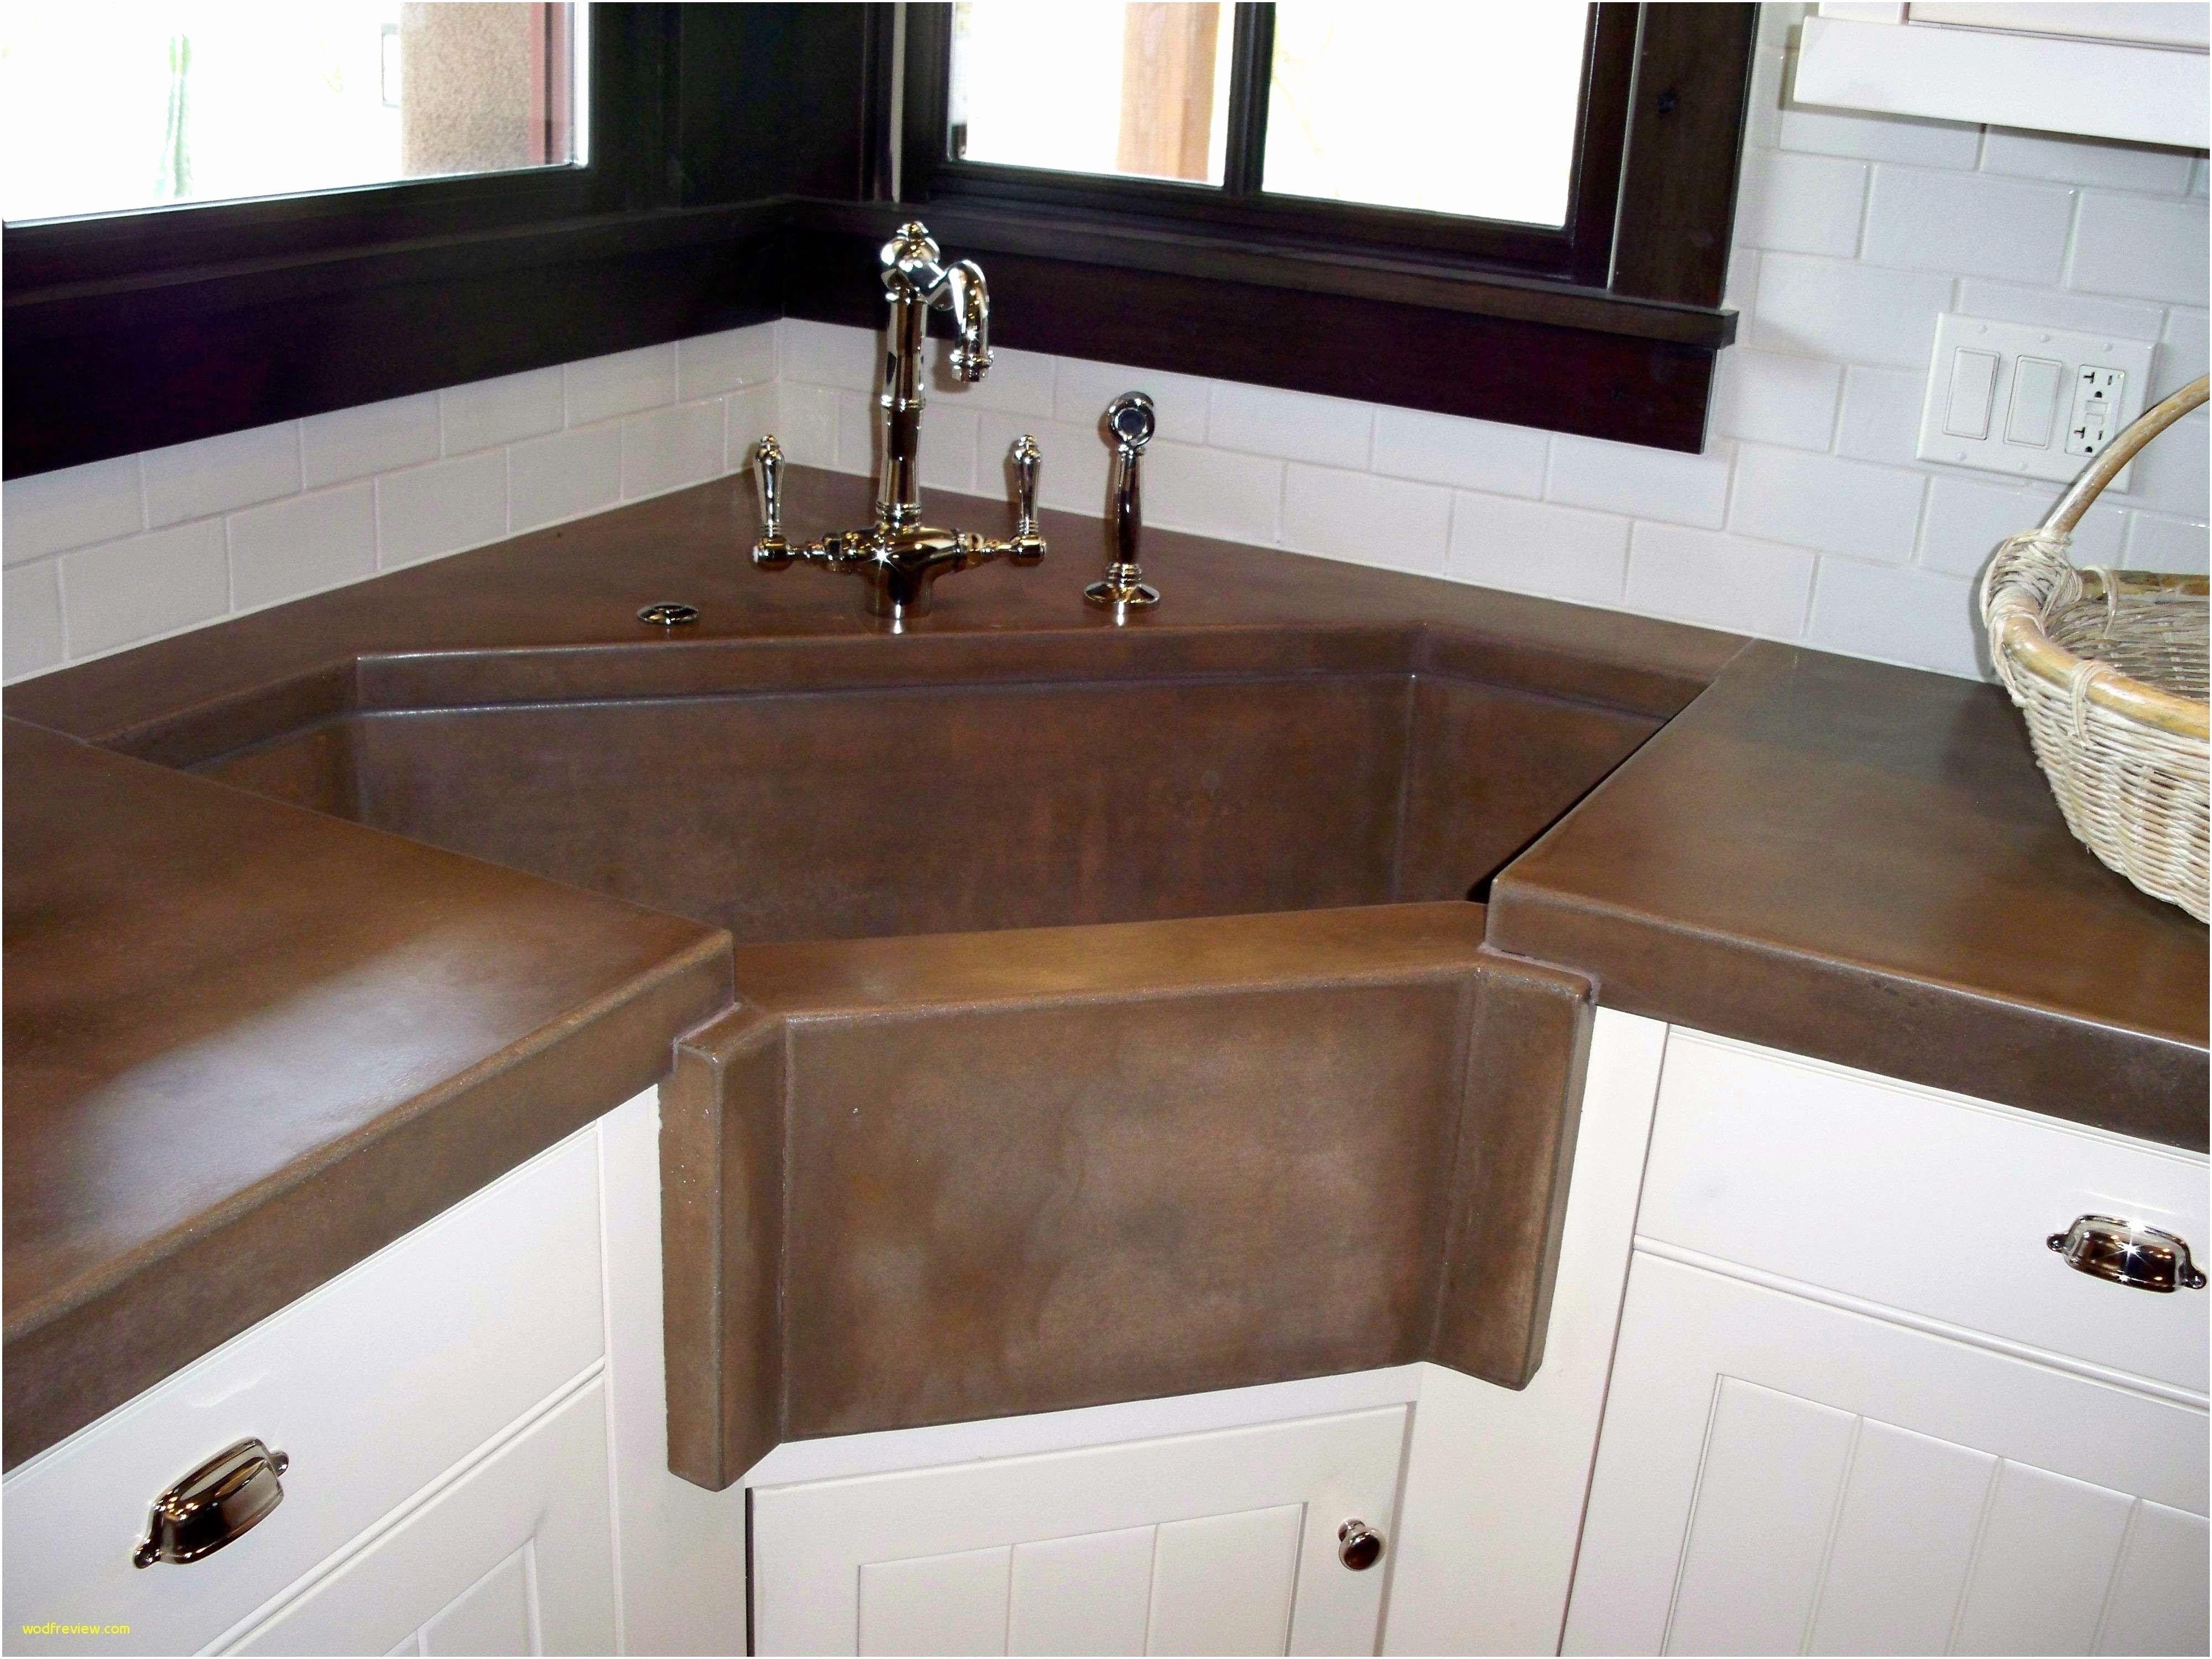 Fashionable Kitchen Overhauls February 2019 Kitchen Sink Design Corner Sink Kitchen Sink Design